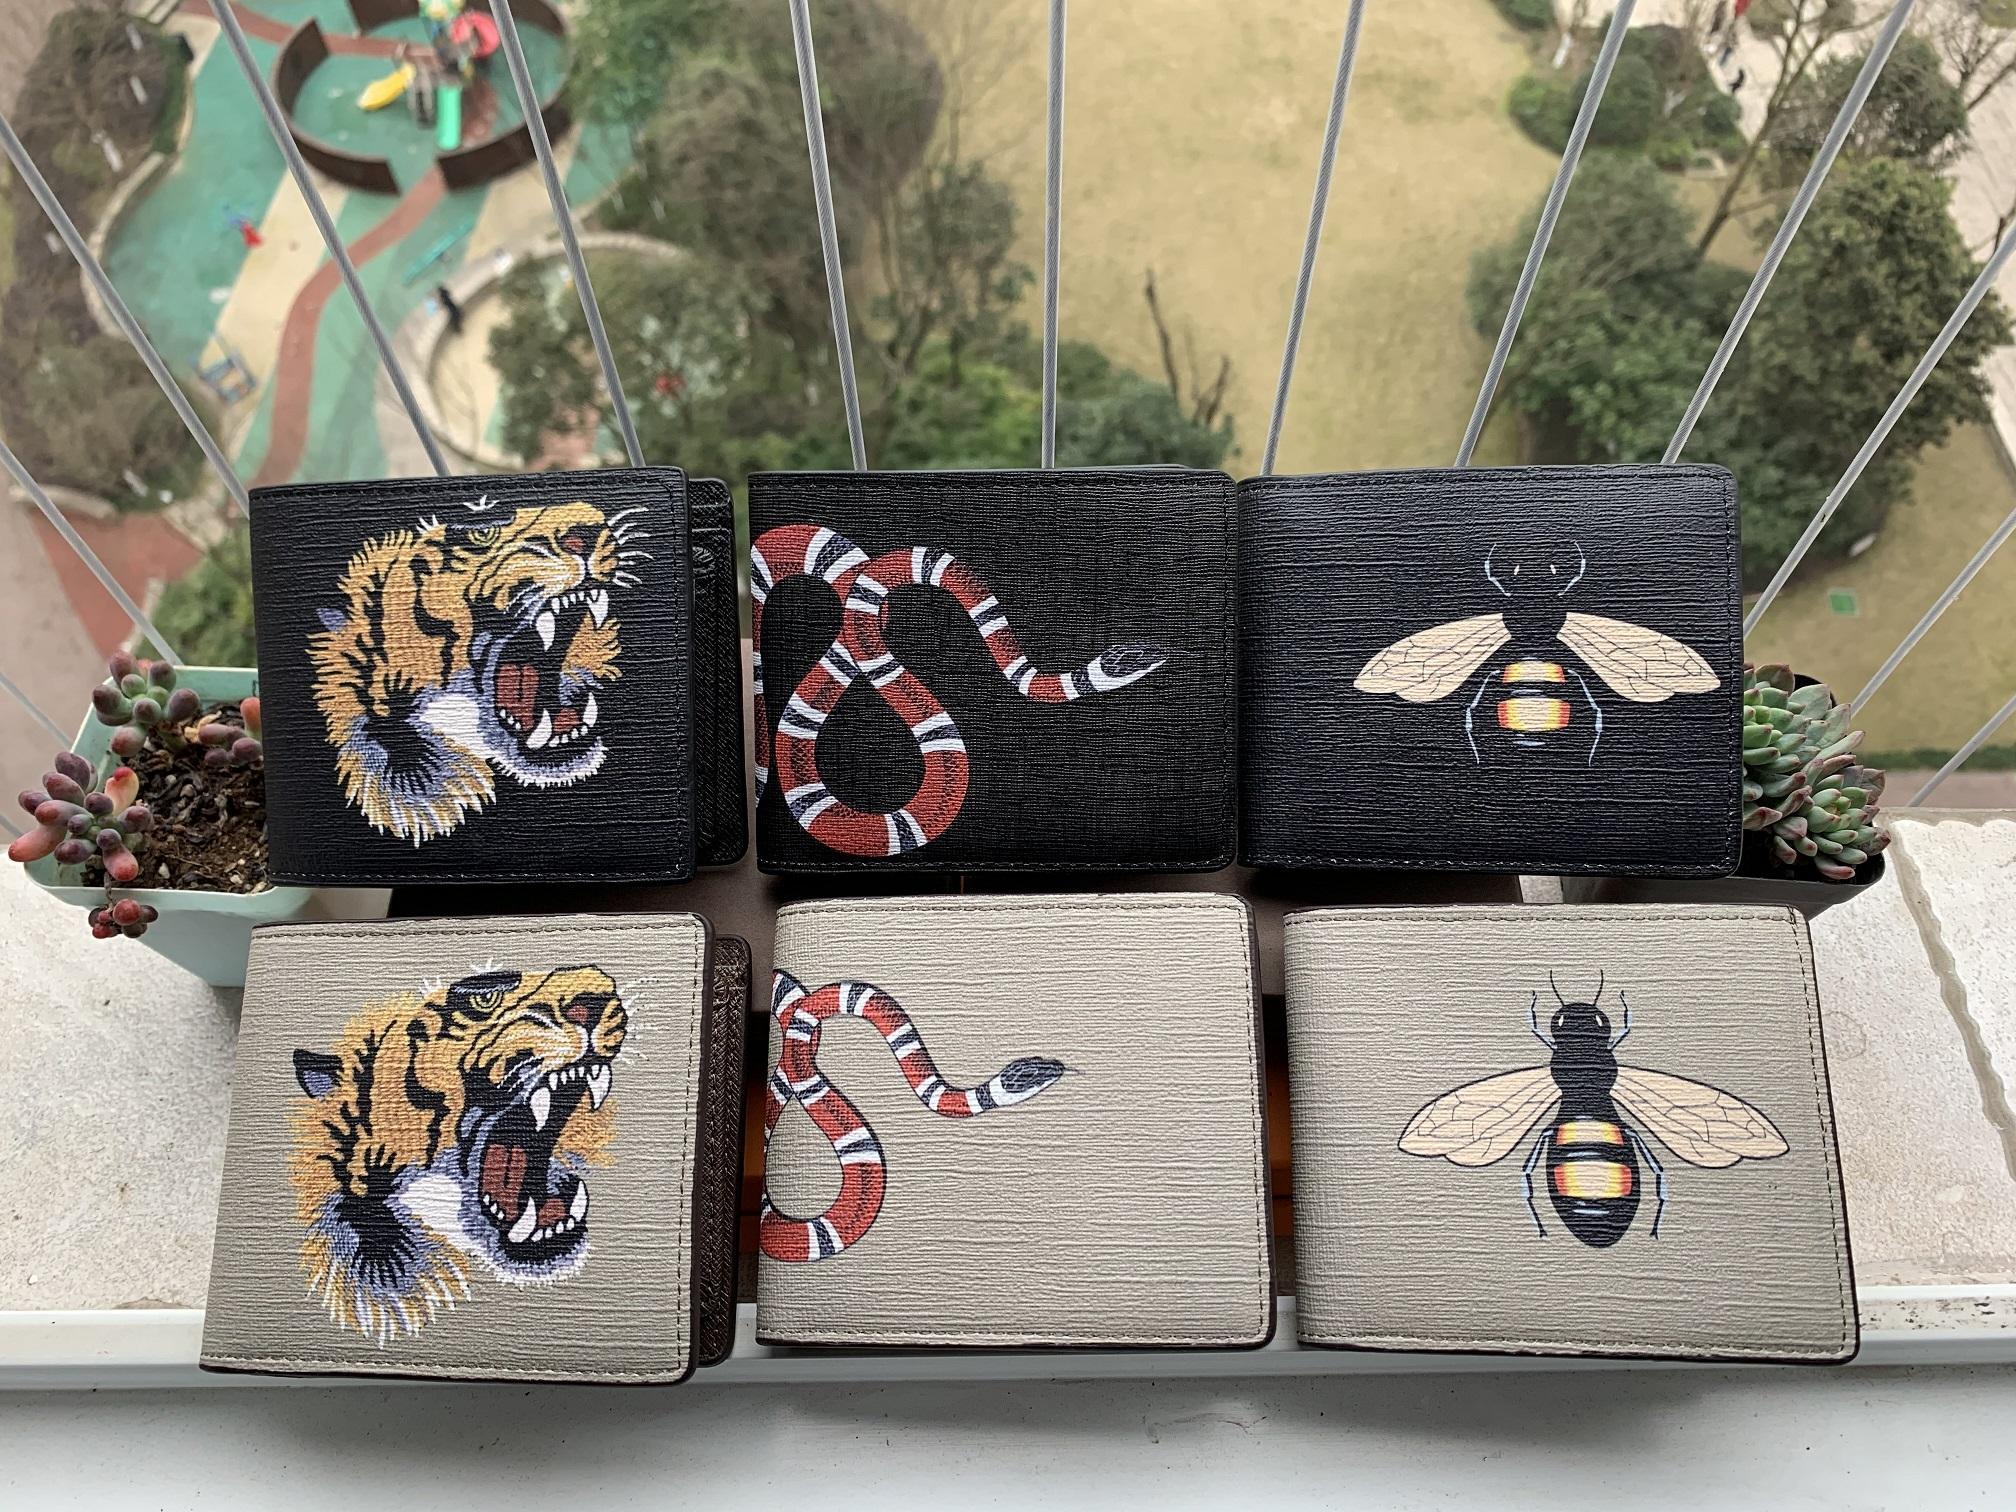 상위 럭셔리 동물 인쇄 스타일 디자이너 Mens 지갑 유명한 남자 지갑 캔버스 핸드백 상자 먼지 가방과 여러 짧은 작은 bifold 지갑